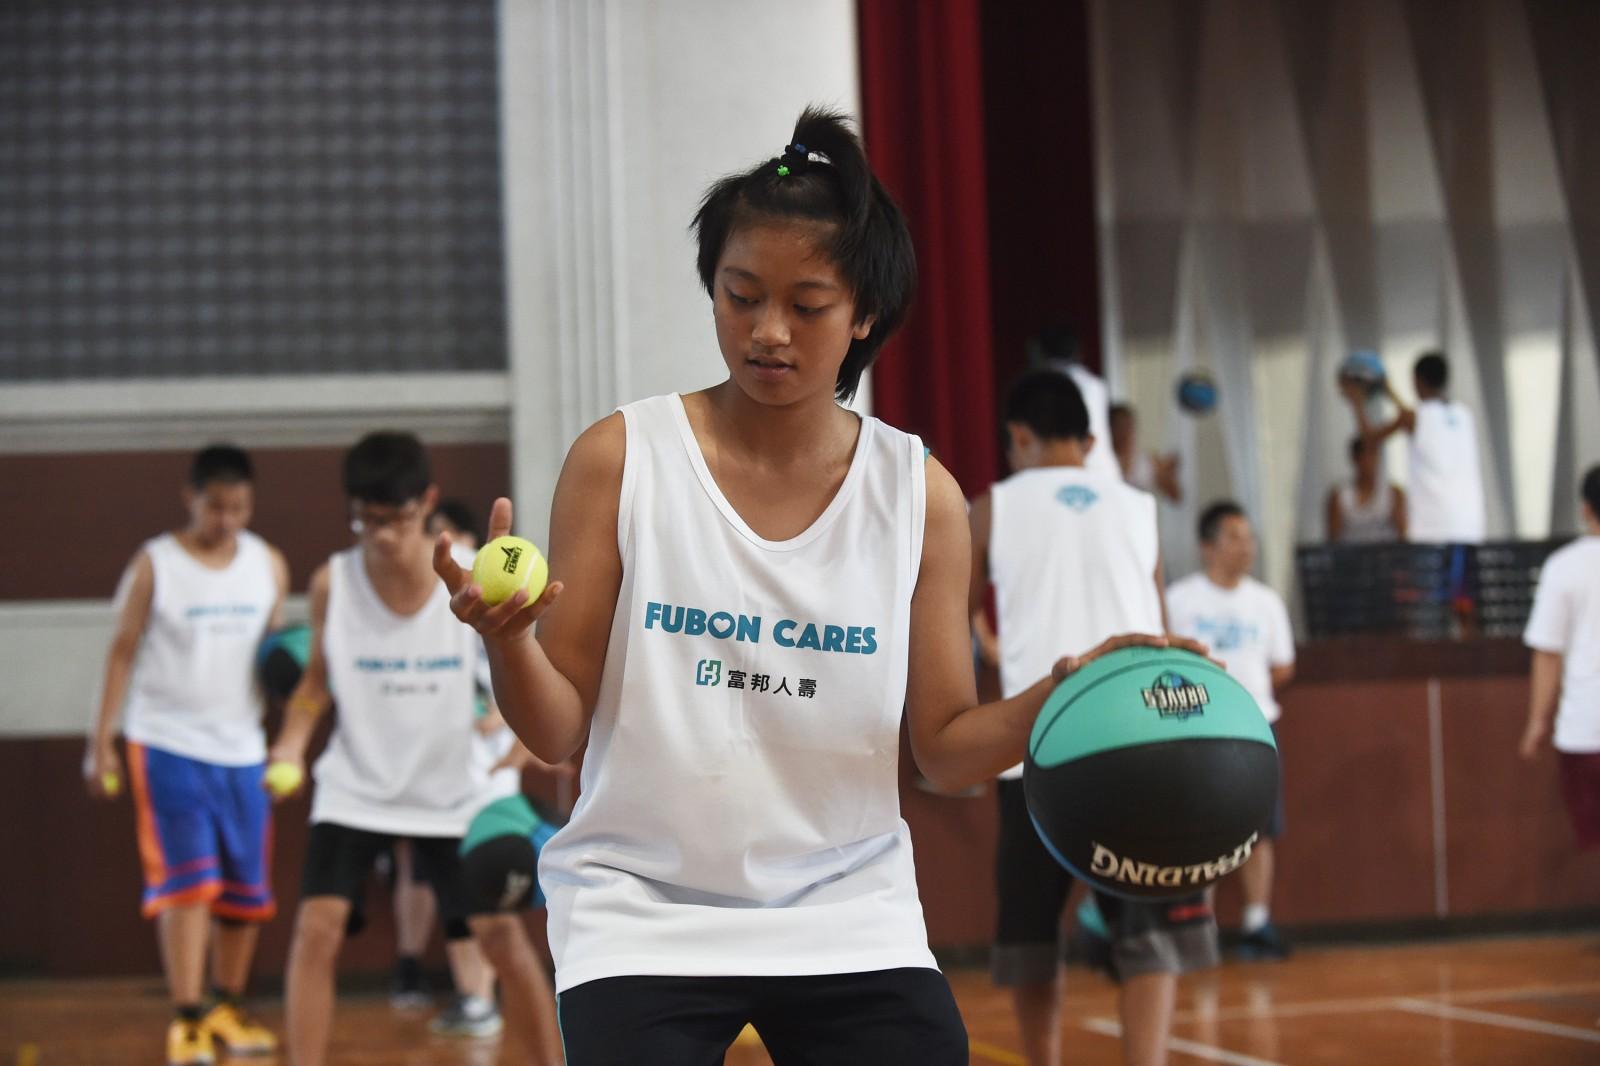 富邦公益籃球營走入偏鄉鼓勵孩子勇敢追夢